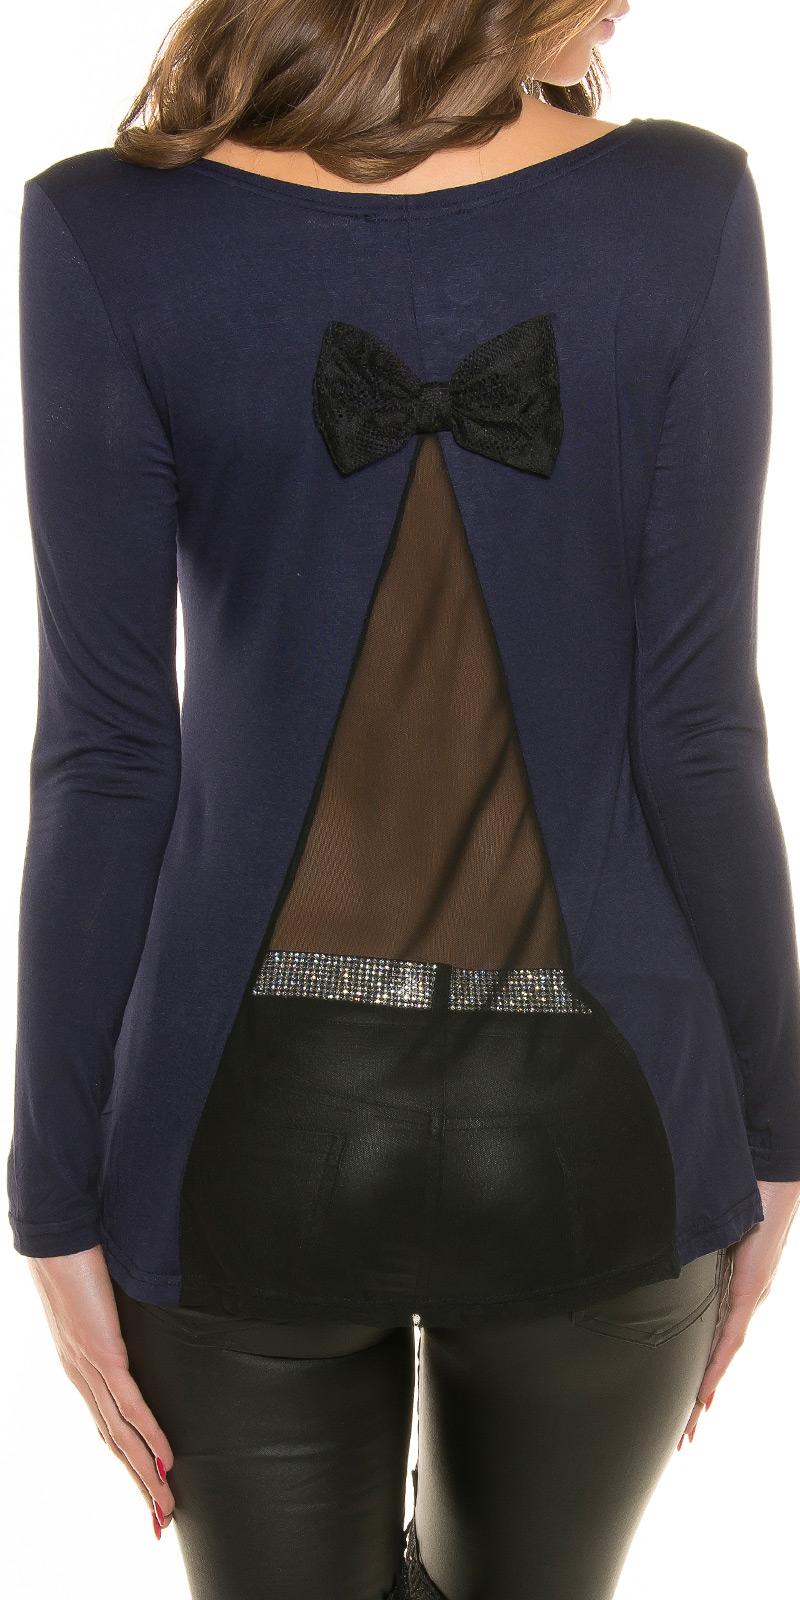 Bluze fashion dama cu la moda net